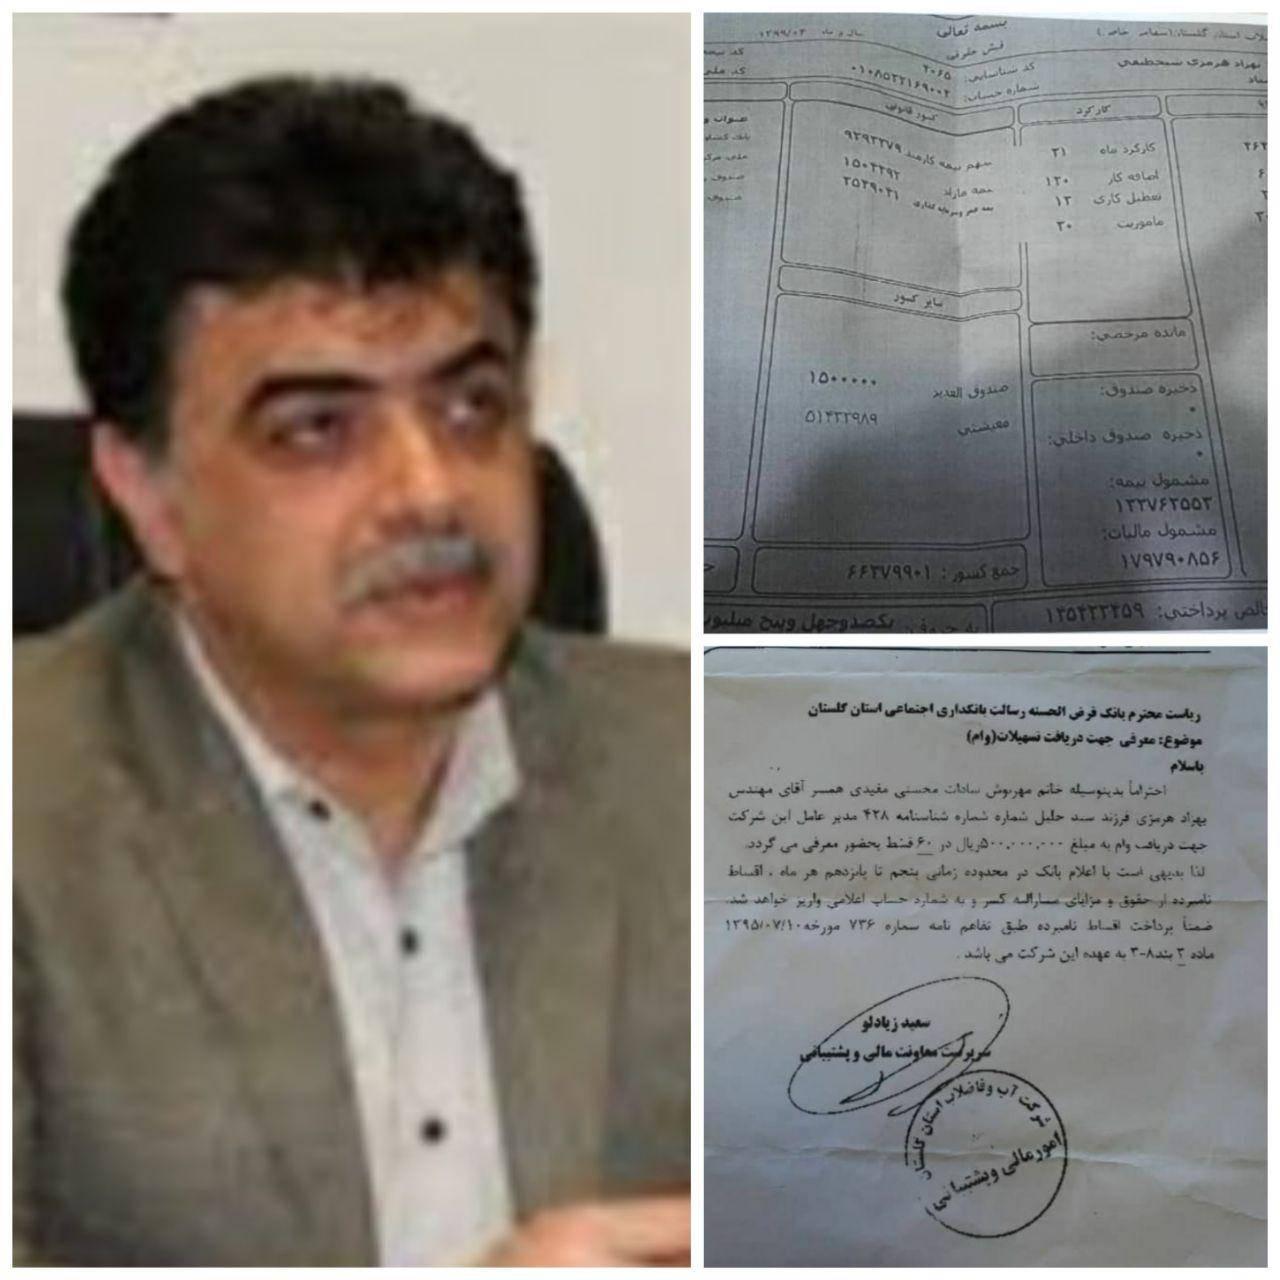 بی انضباطی مالی در شرکت آب و فاضلاب استان گلستان